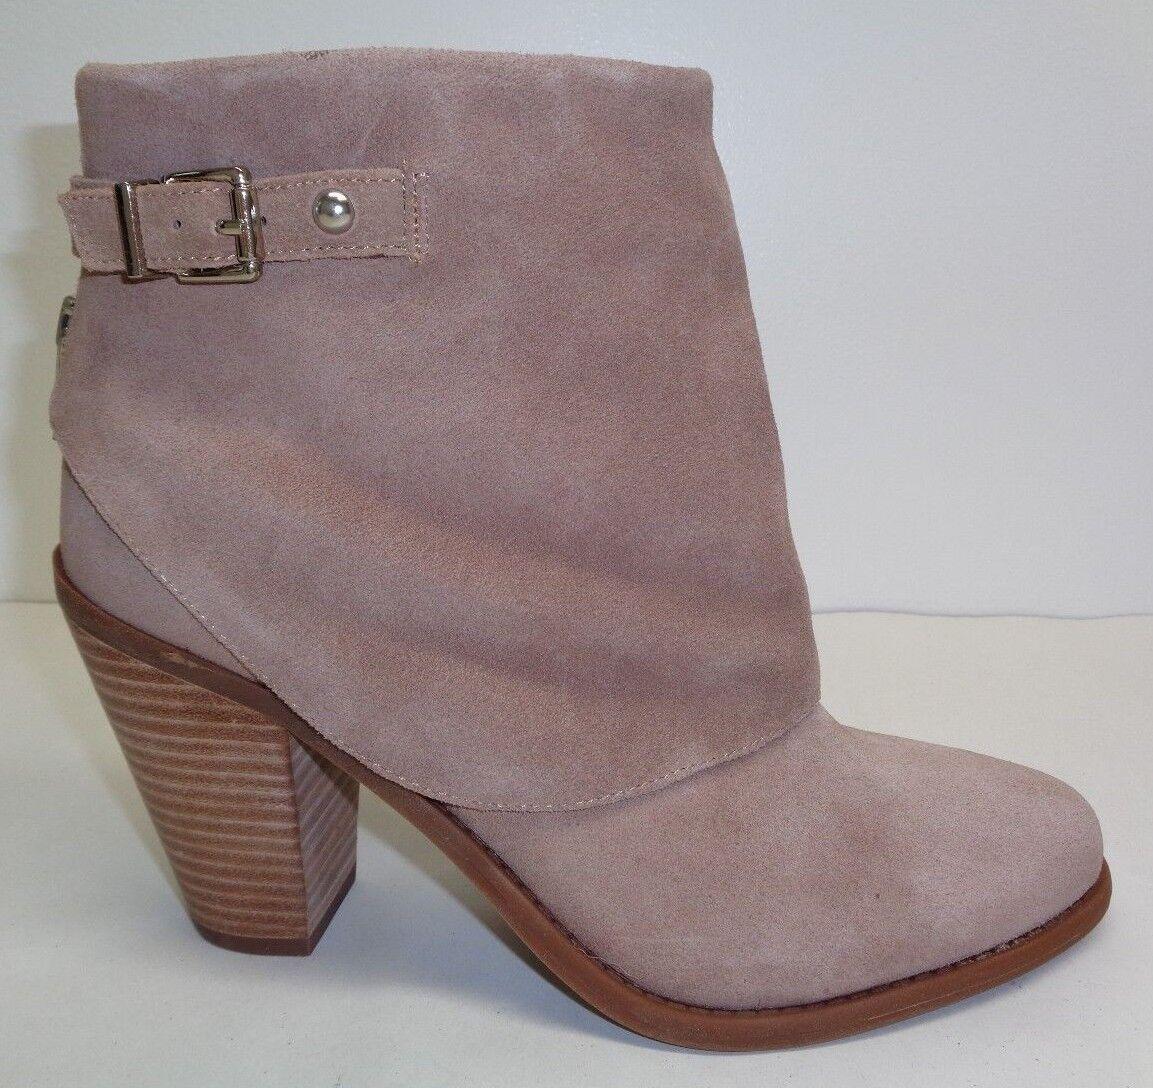 Jessica Simpson Größe 9 M CASSLEY Taupe Split Suede Ankle Stiefel NEU Damenschuhe Schuhes